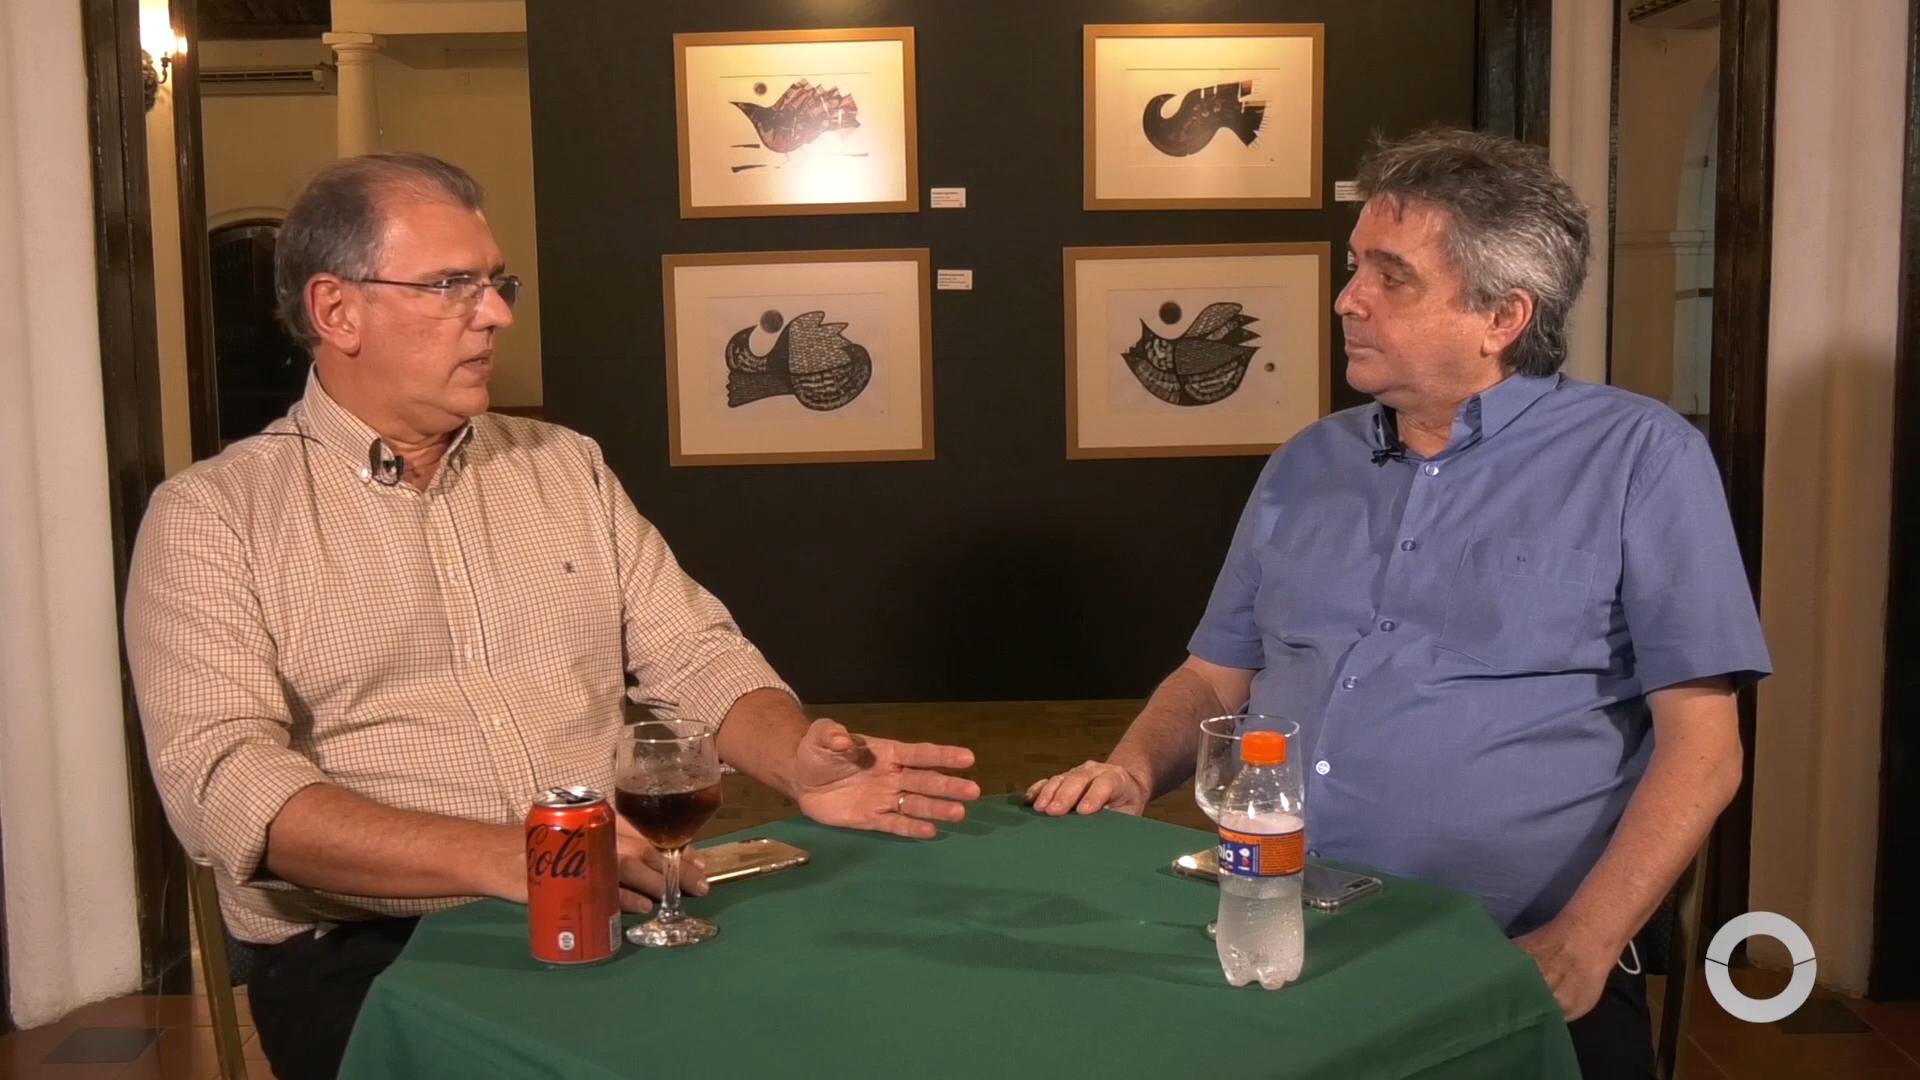 Mosaico entrevista Prof. e vice reitor de extensão da UNIFOR Randal Martins